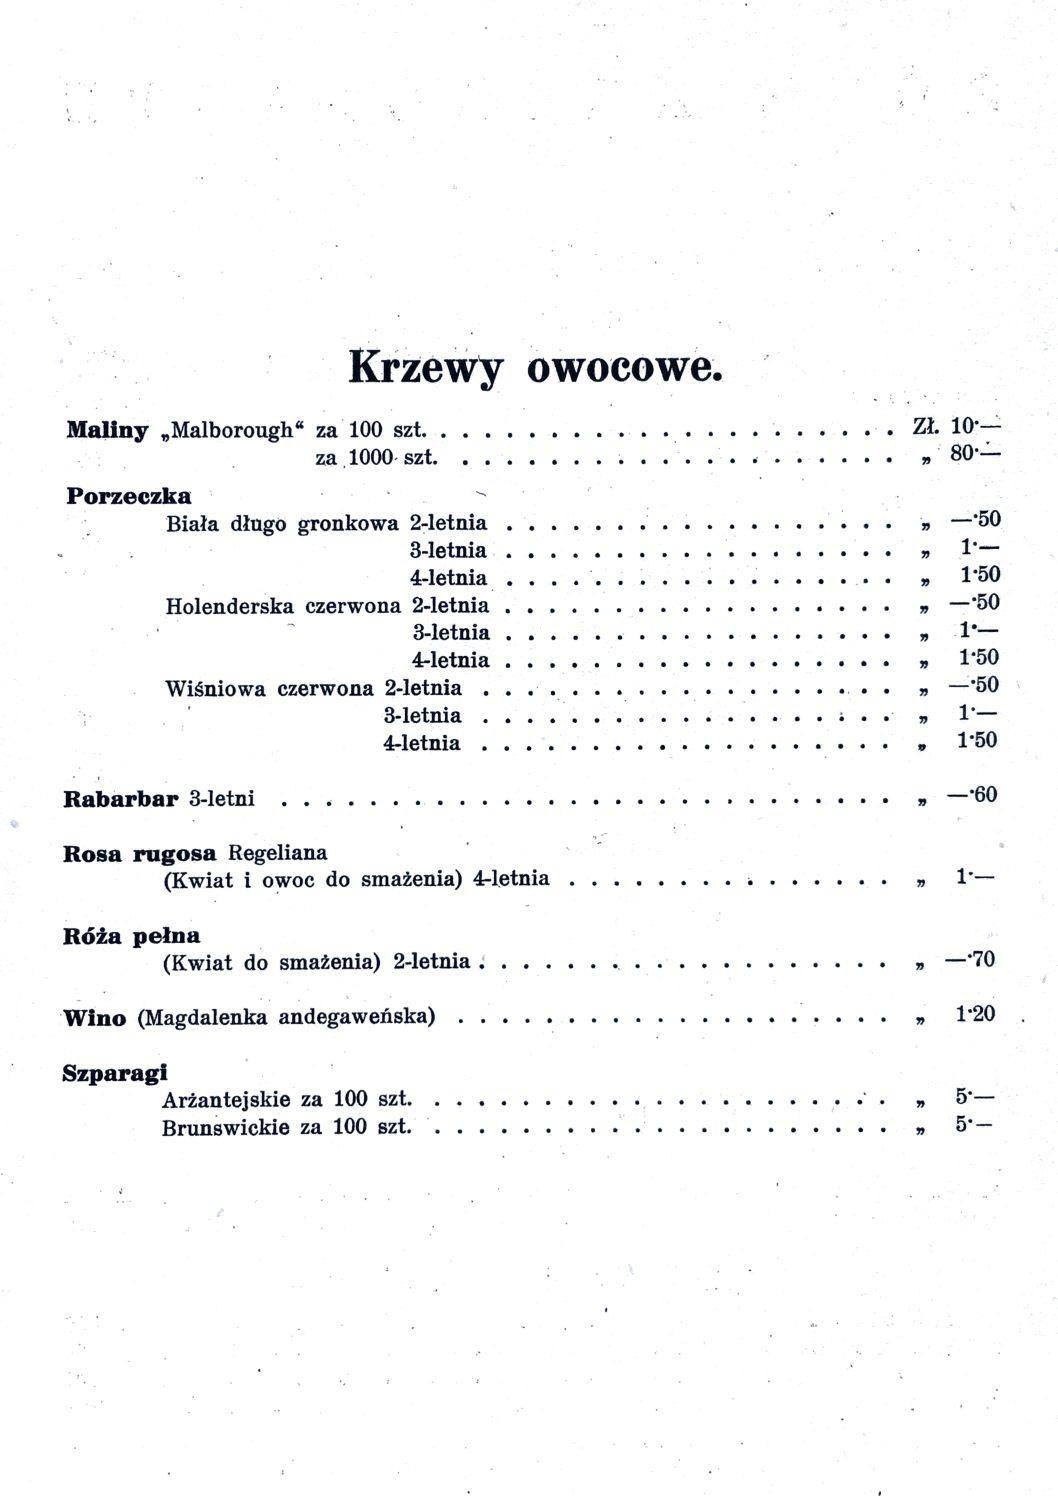 Cennik szkółek ogrodniczych Stanisława Dzieduszyckiego 6